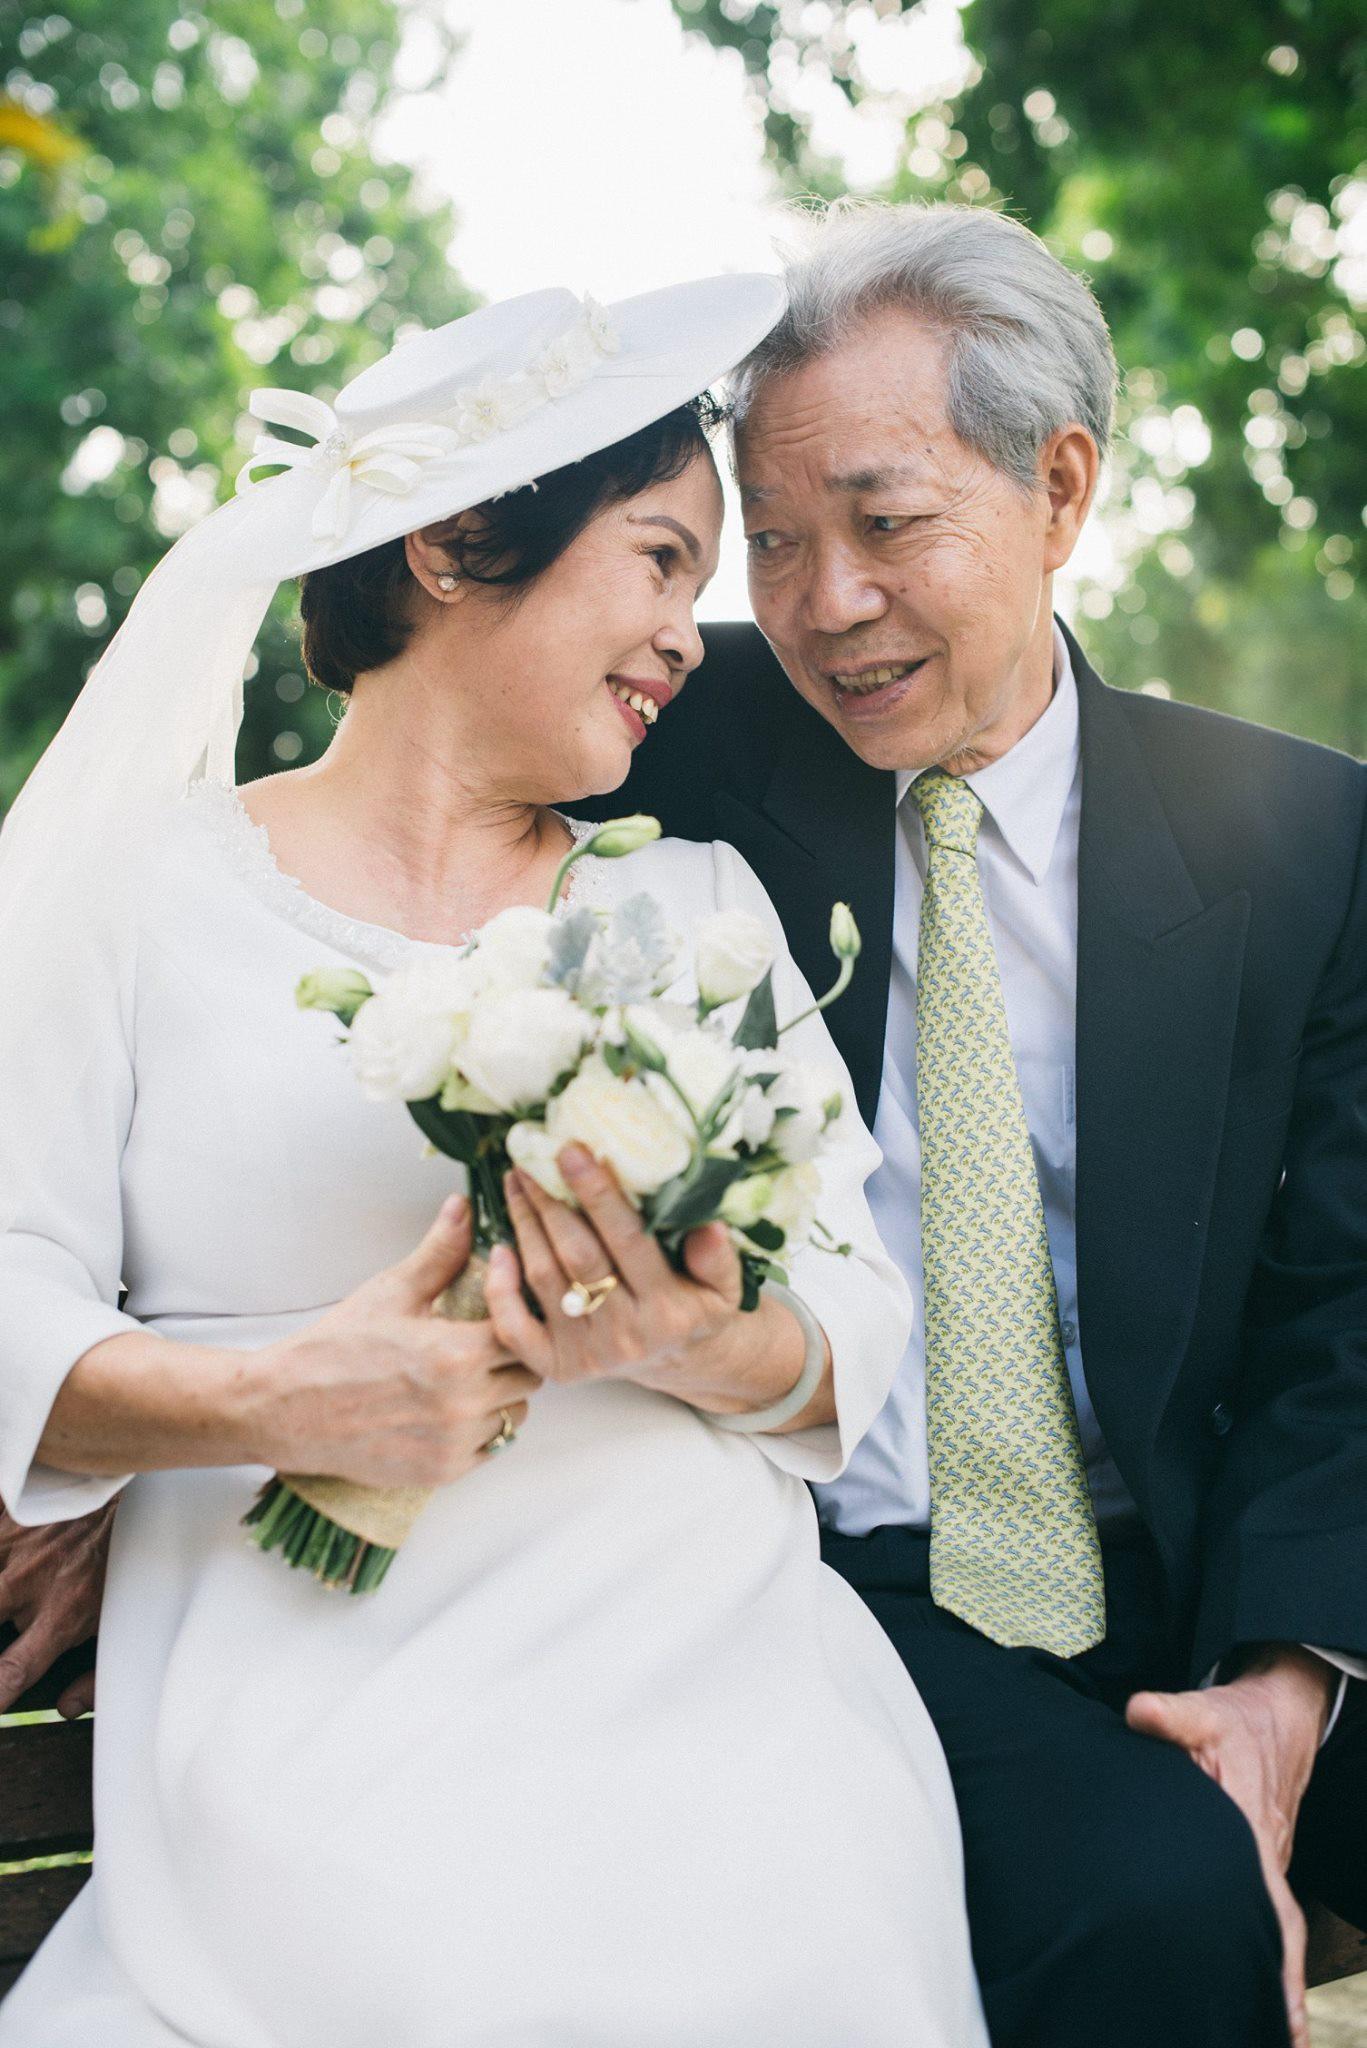 Bộ ảnh cưới đầu tiên sau 45 năm kết hôn và chia sẻ xúc động của cựu CEO Uber Việt Nam cho bố mẹ - Ảnh 8.